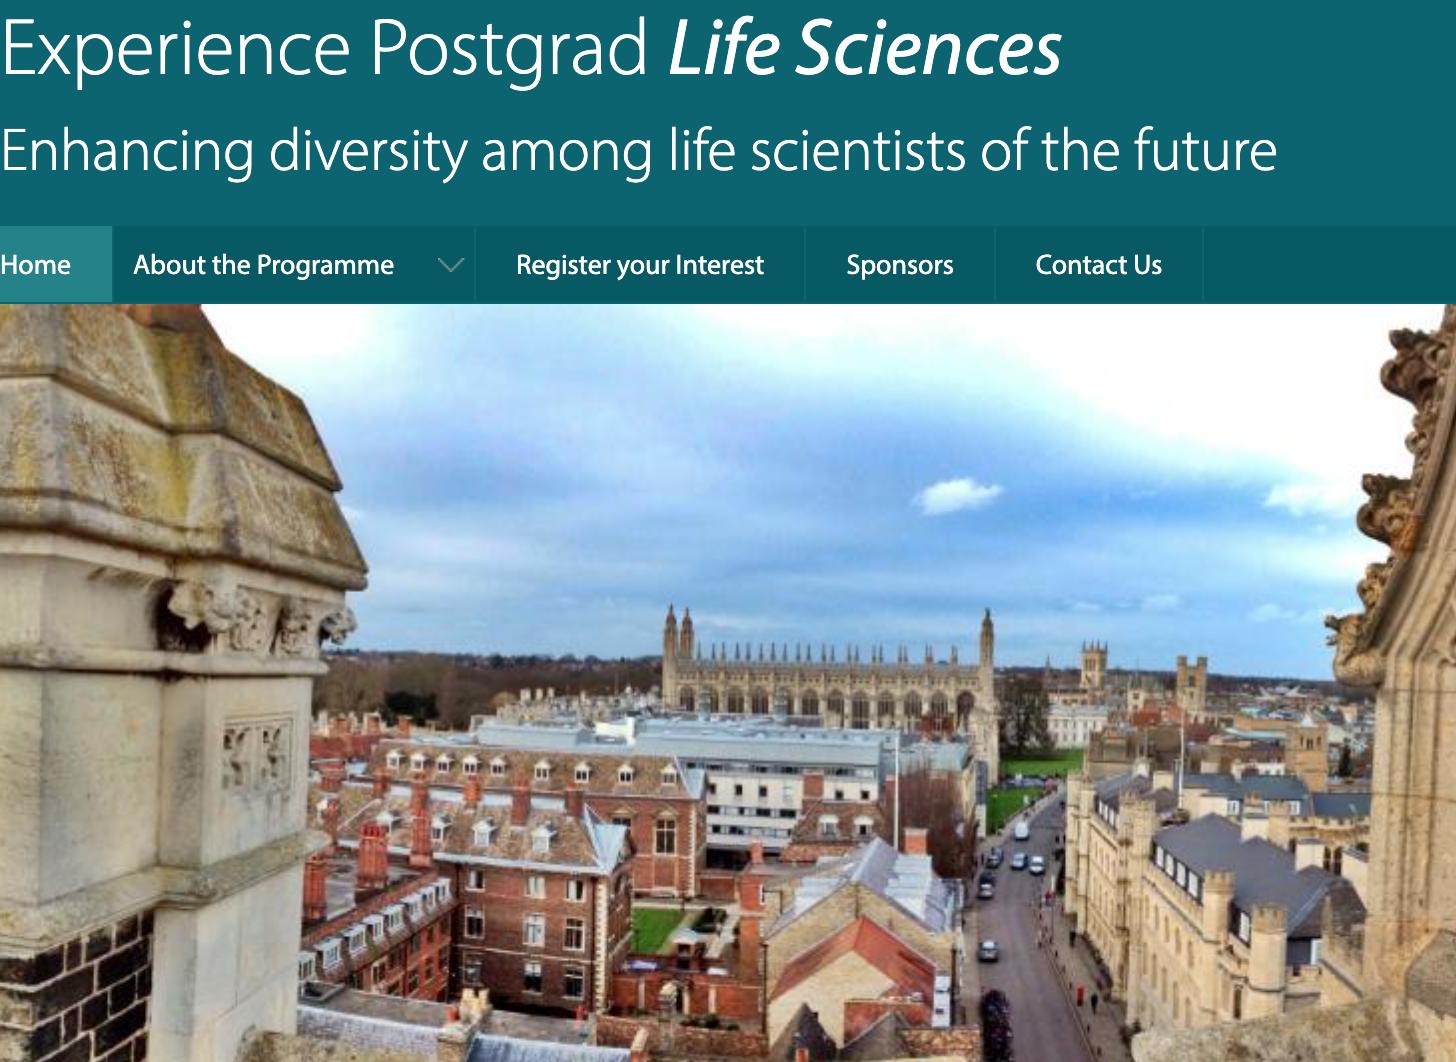 Experience Postgrad Life Sciences